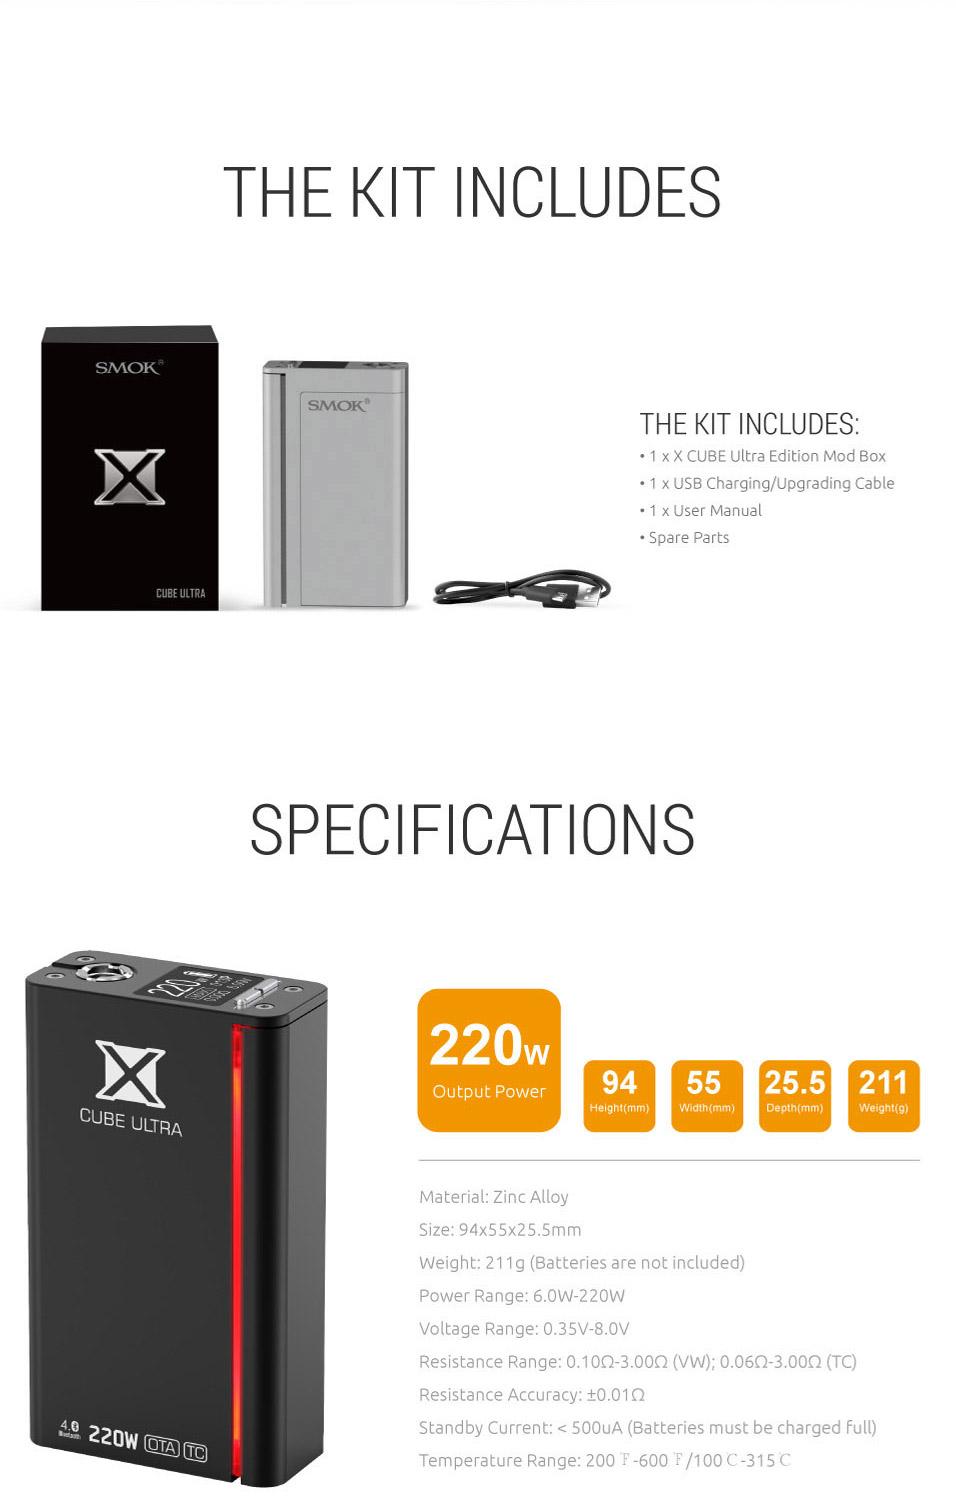 Smok Xcube Ultra 220w mod